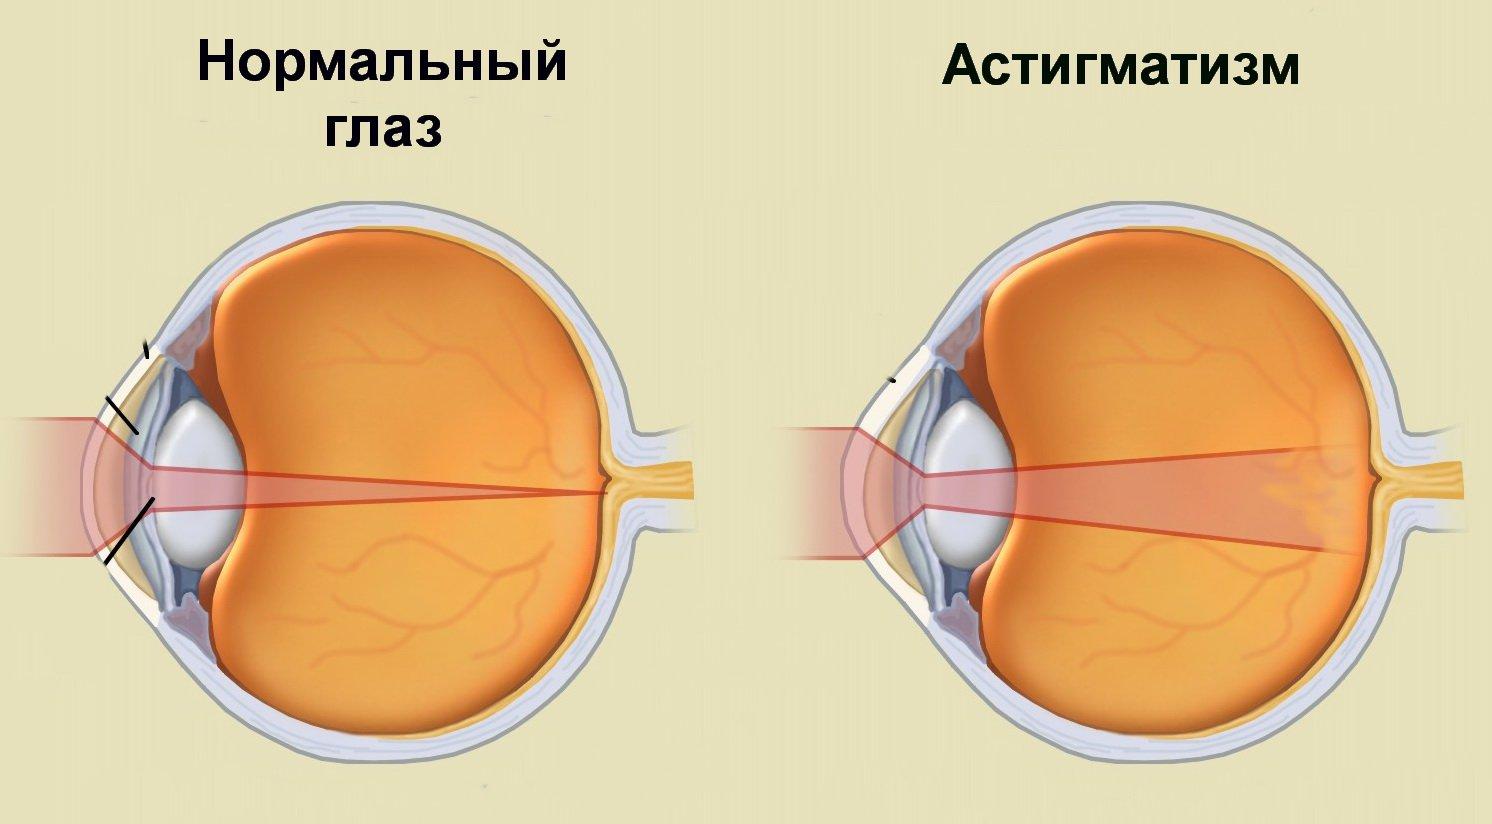 Látás javítása | Tippek | Praktikák • av-multitours.hu